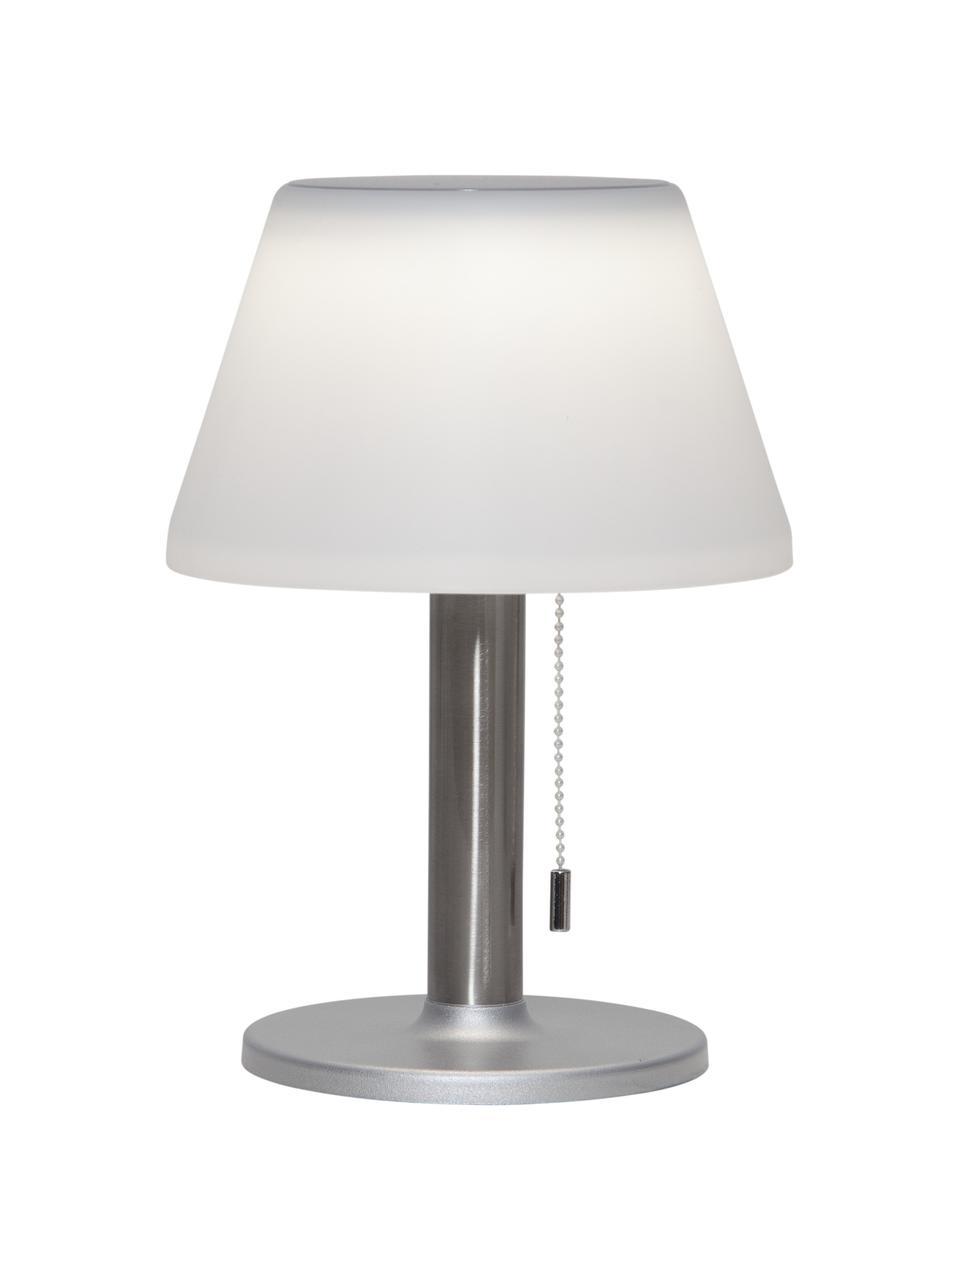 Zewnętrzna lampa solarna Solia, Biały, stal, Ø 20 x W 28 cm